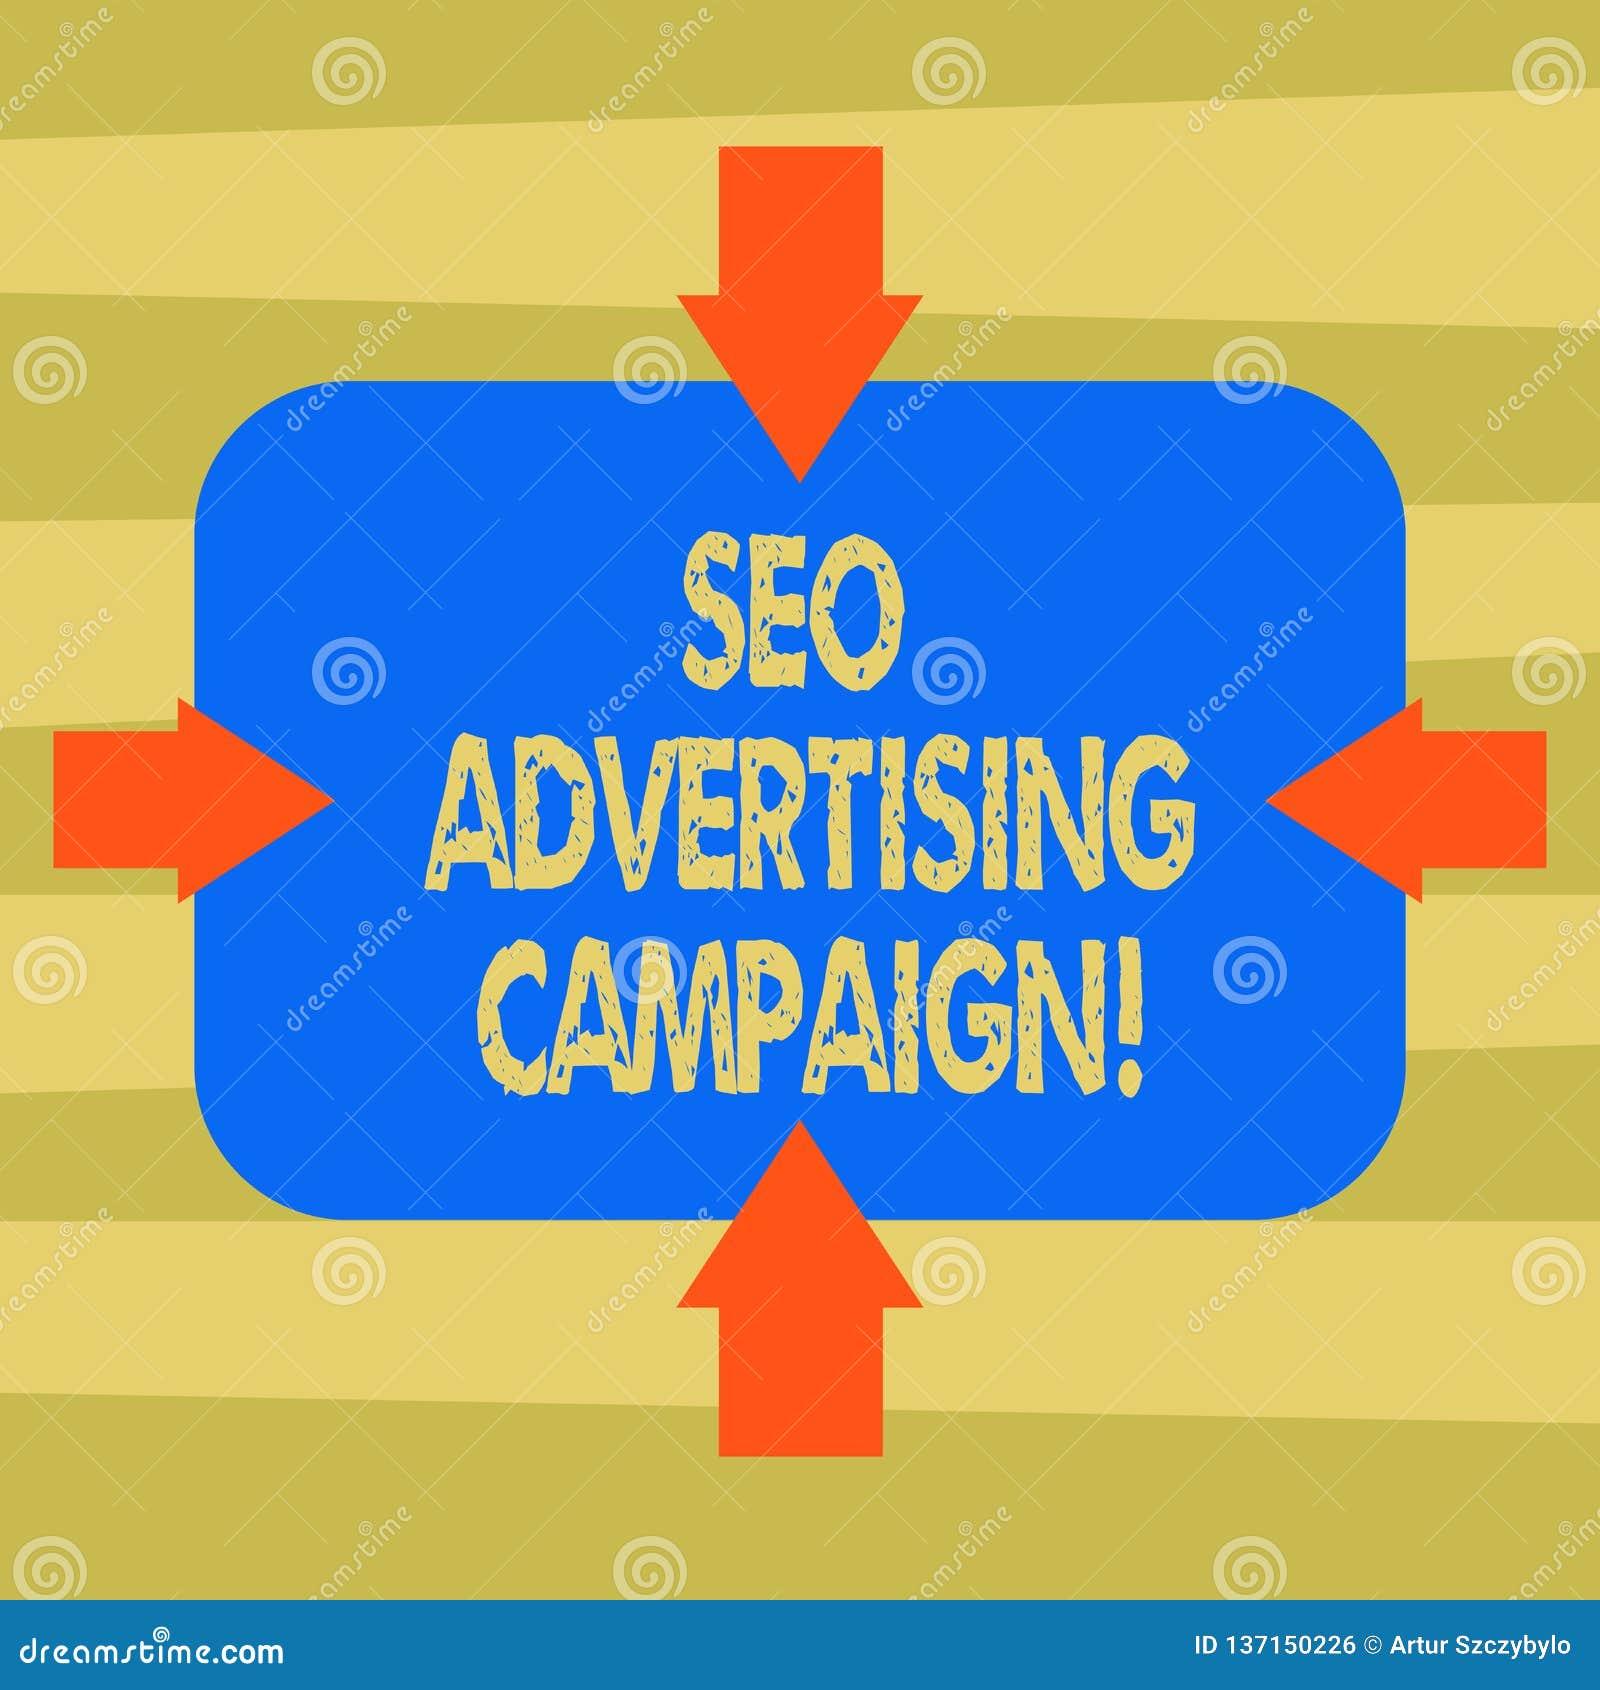 Signe des textes montrant Seo Advertising Campaign Photo conceptuelle favorisant un site pour augmenter le nombre de flèches de l